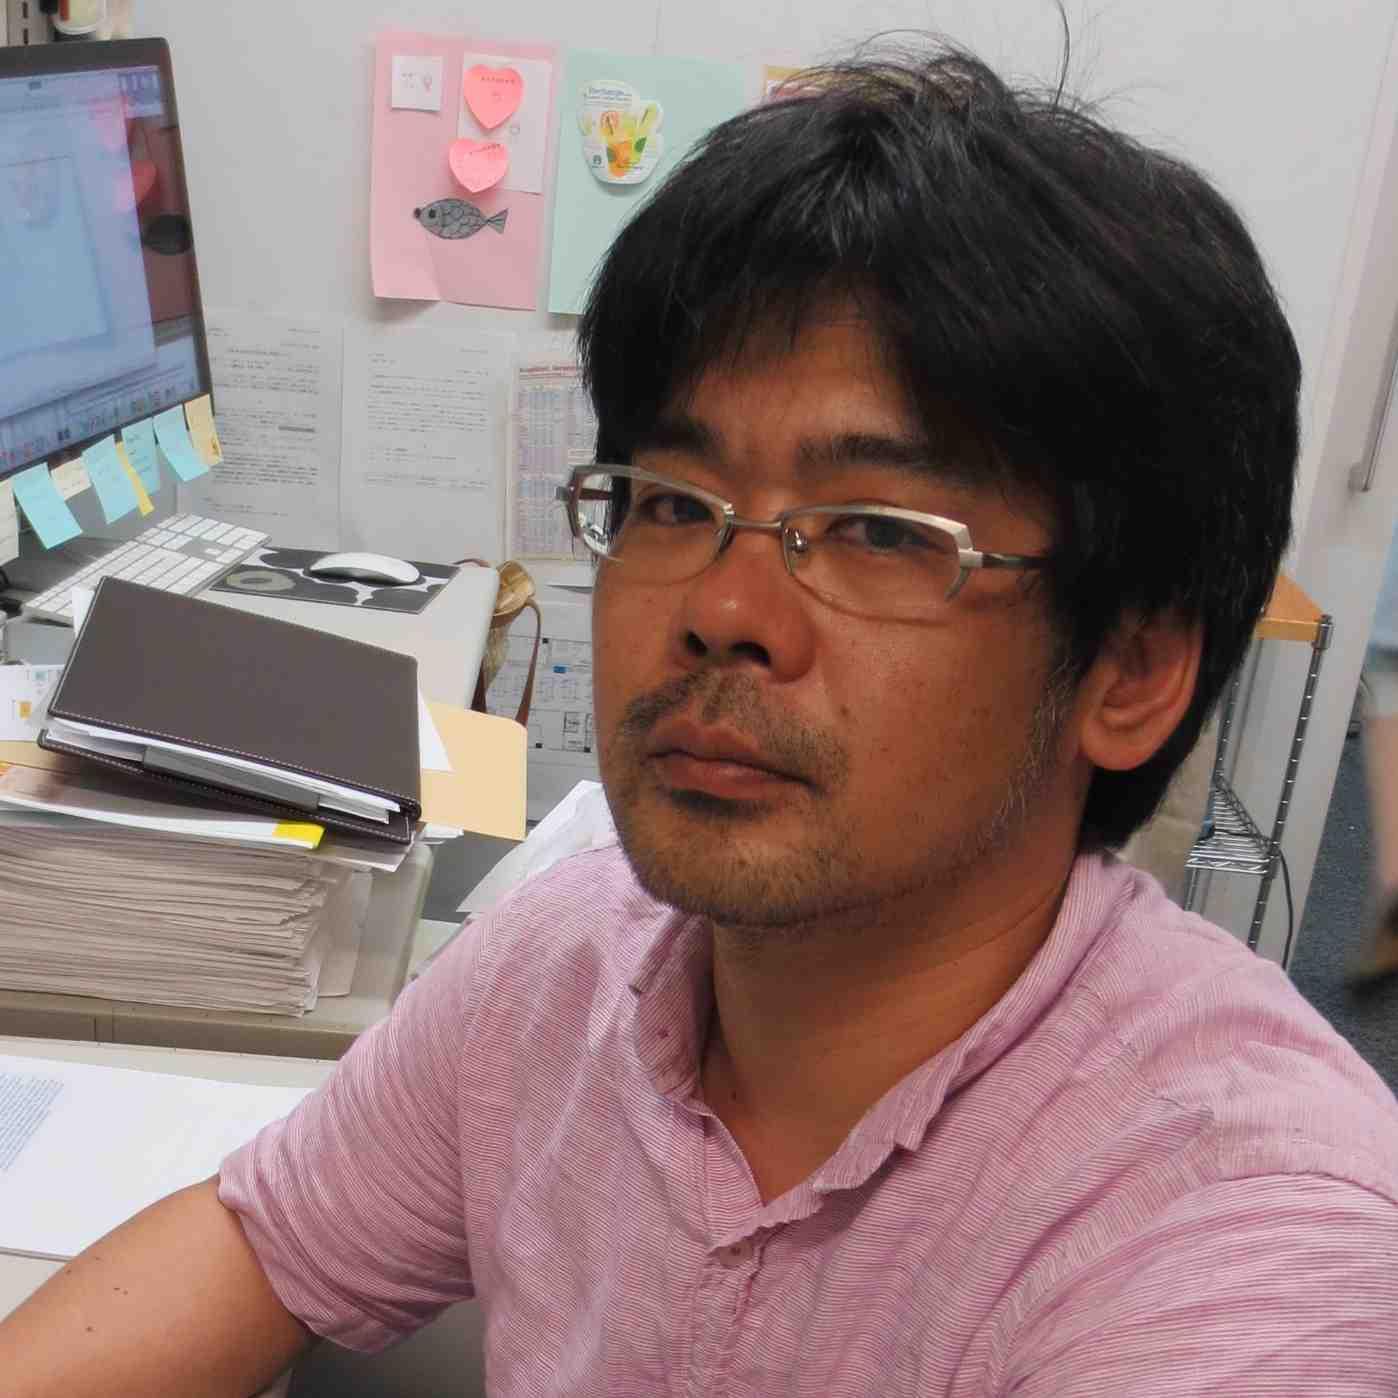 Hidetoshi Hasuwa : Assistant Professor